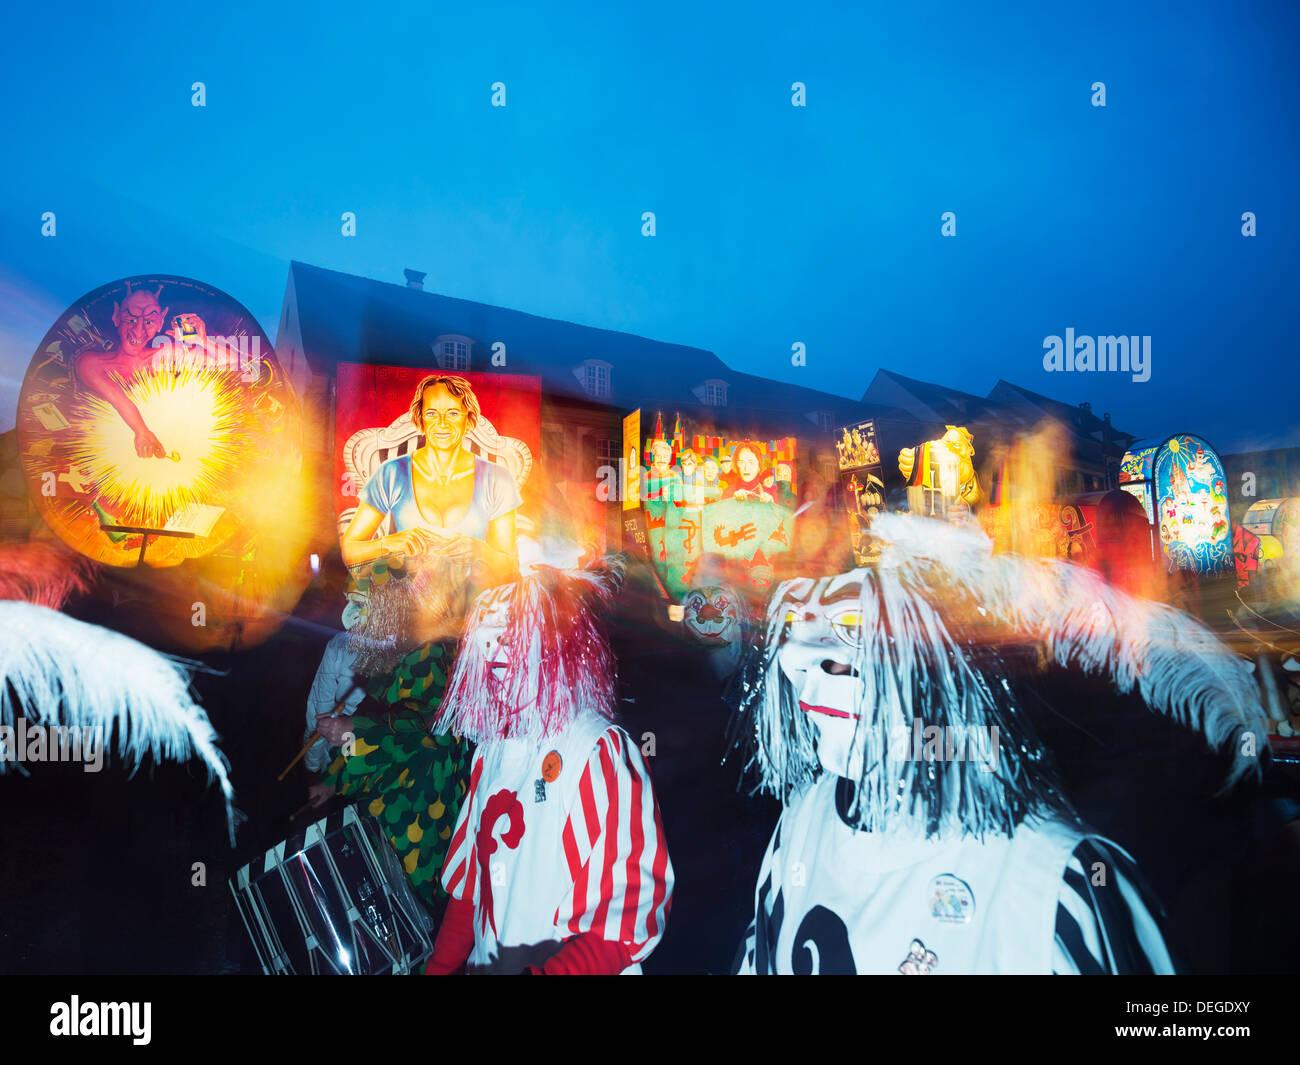 Fasnact spring carnival lantern displays, Basel, Switzerland, Europe - Stock Image